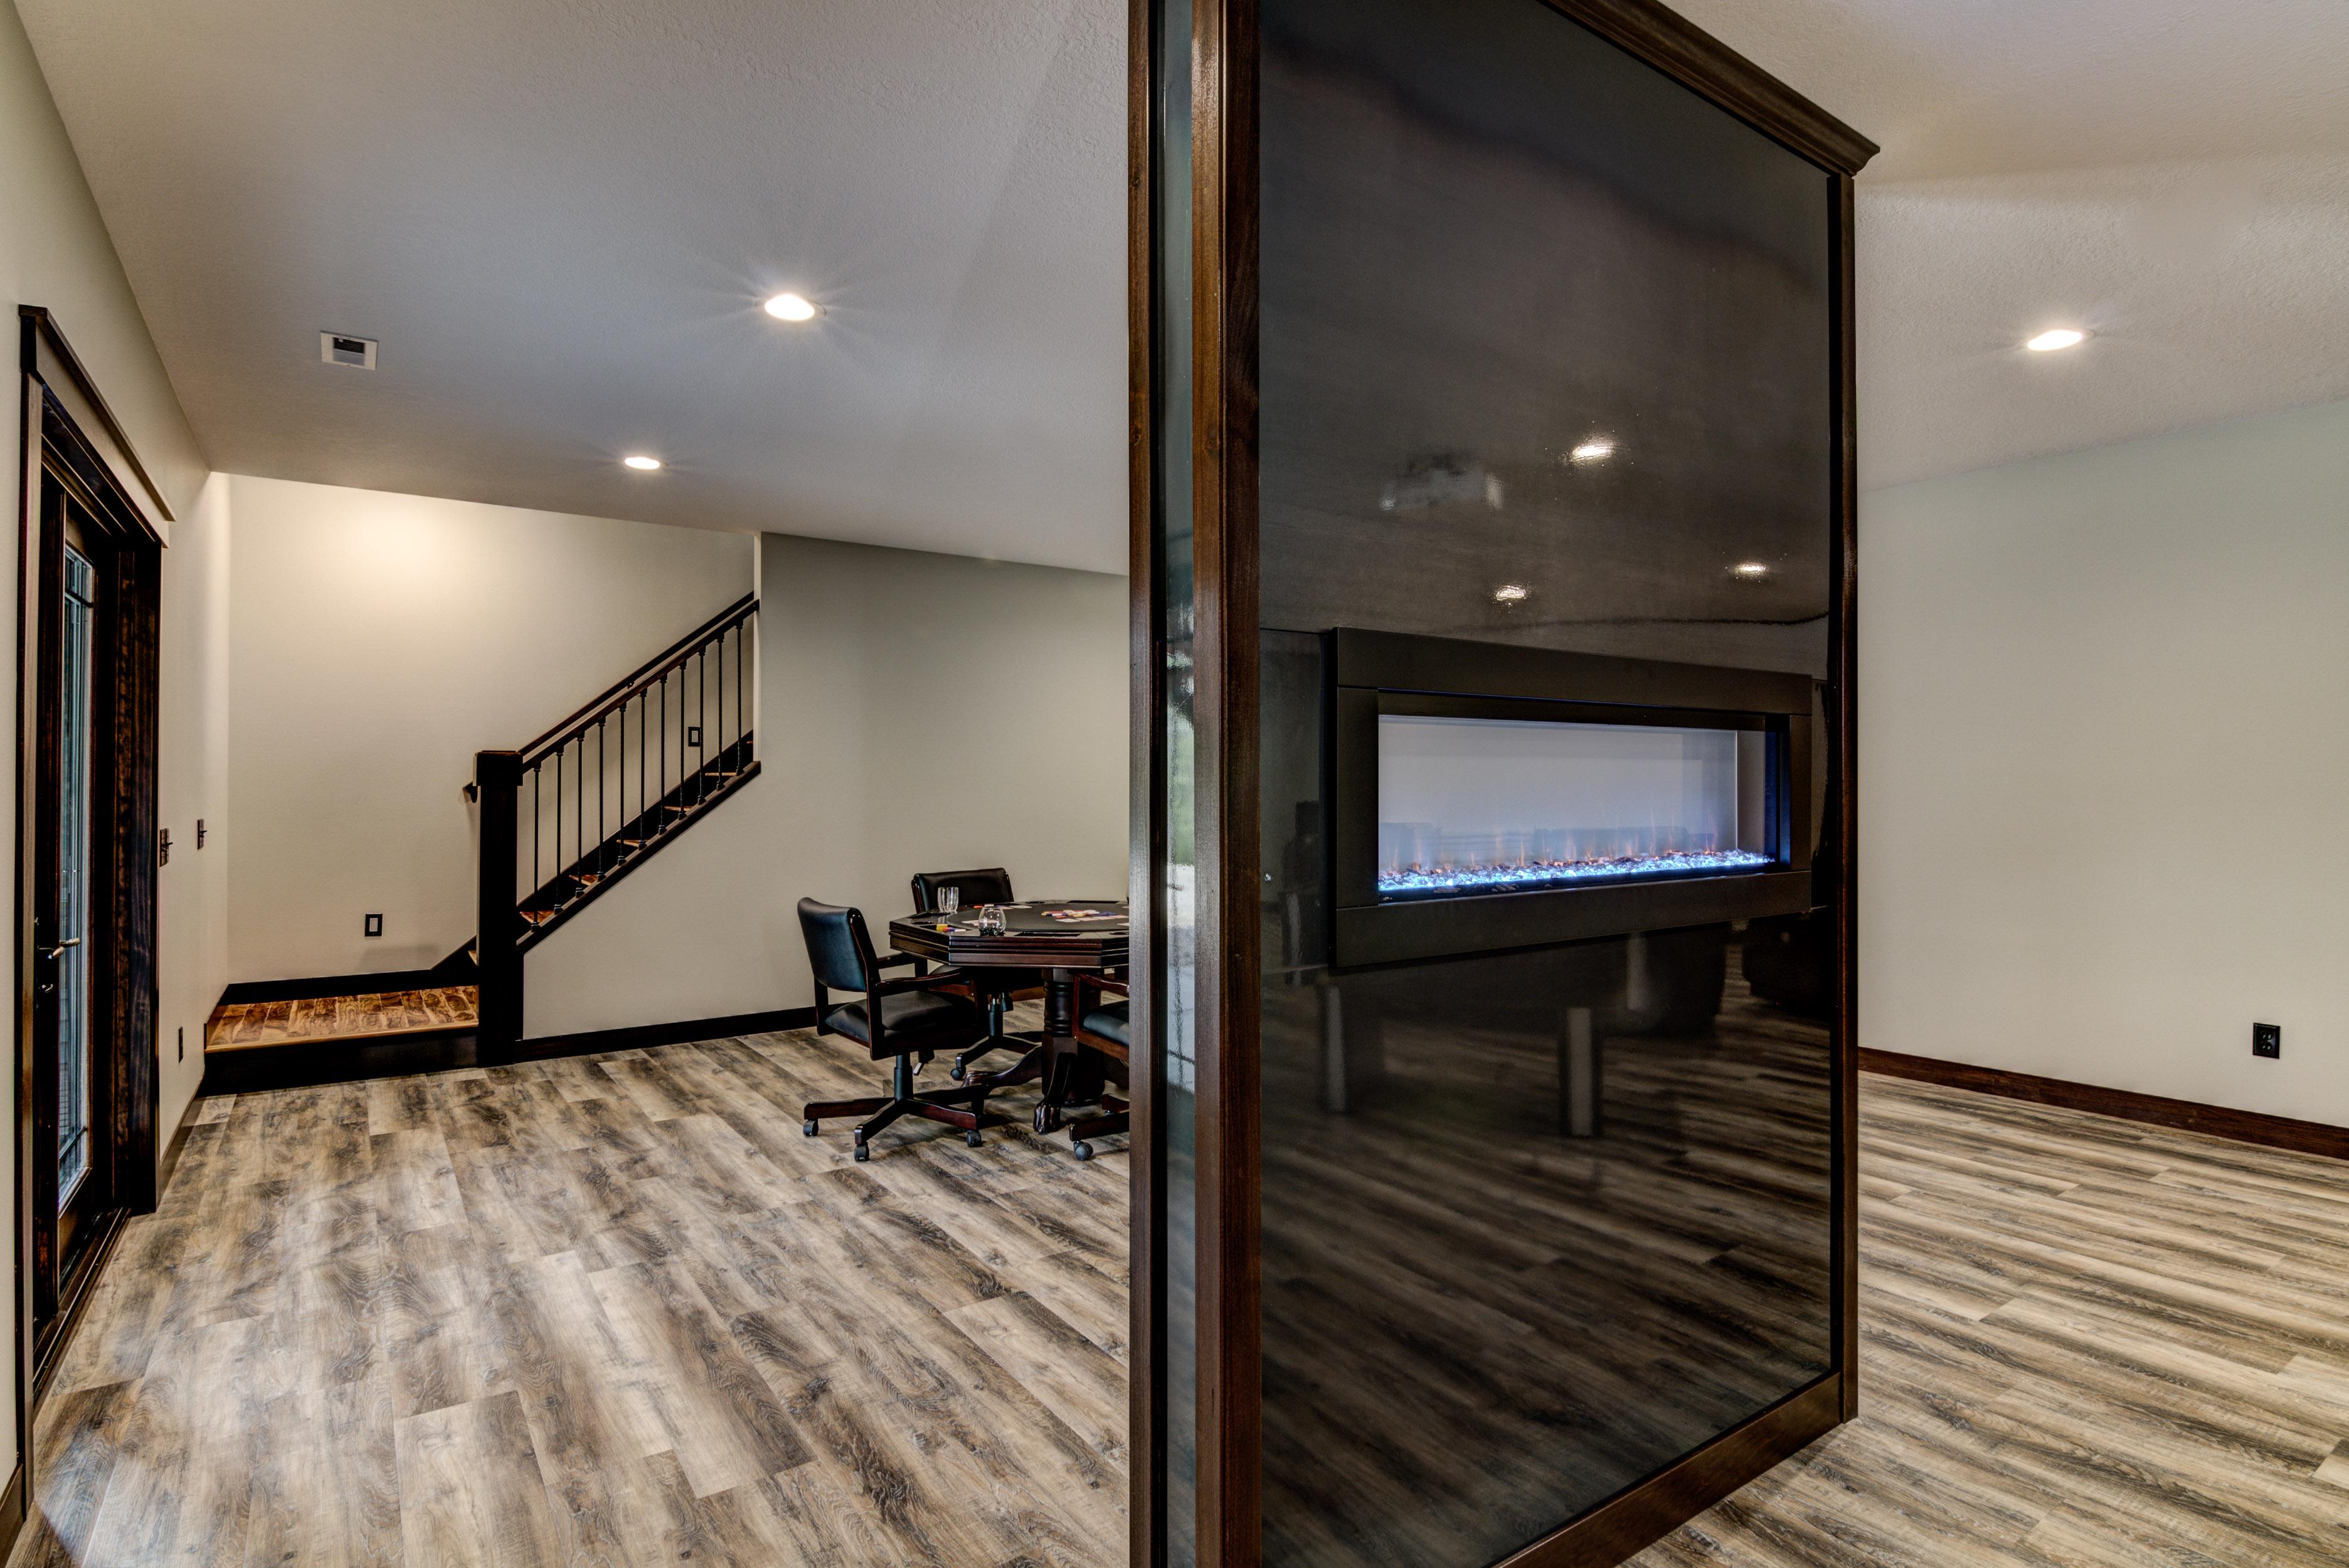 48-13 - Lower Living Room-10